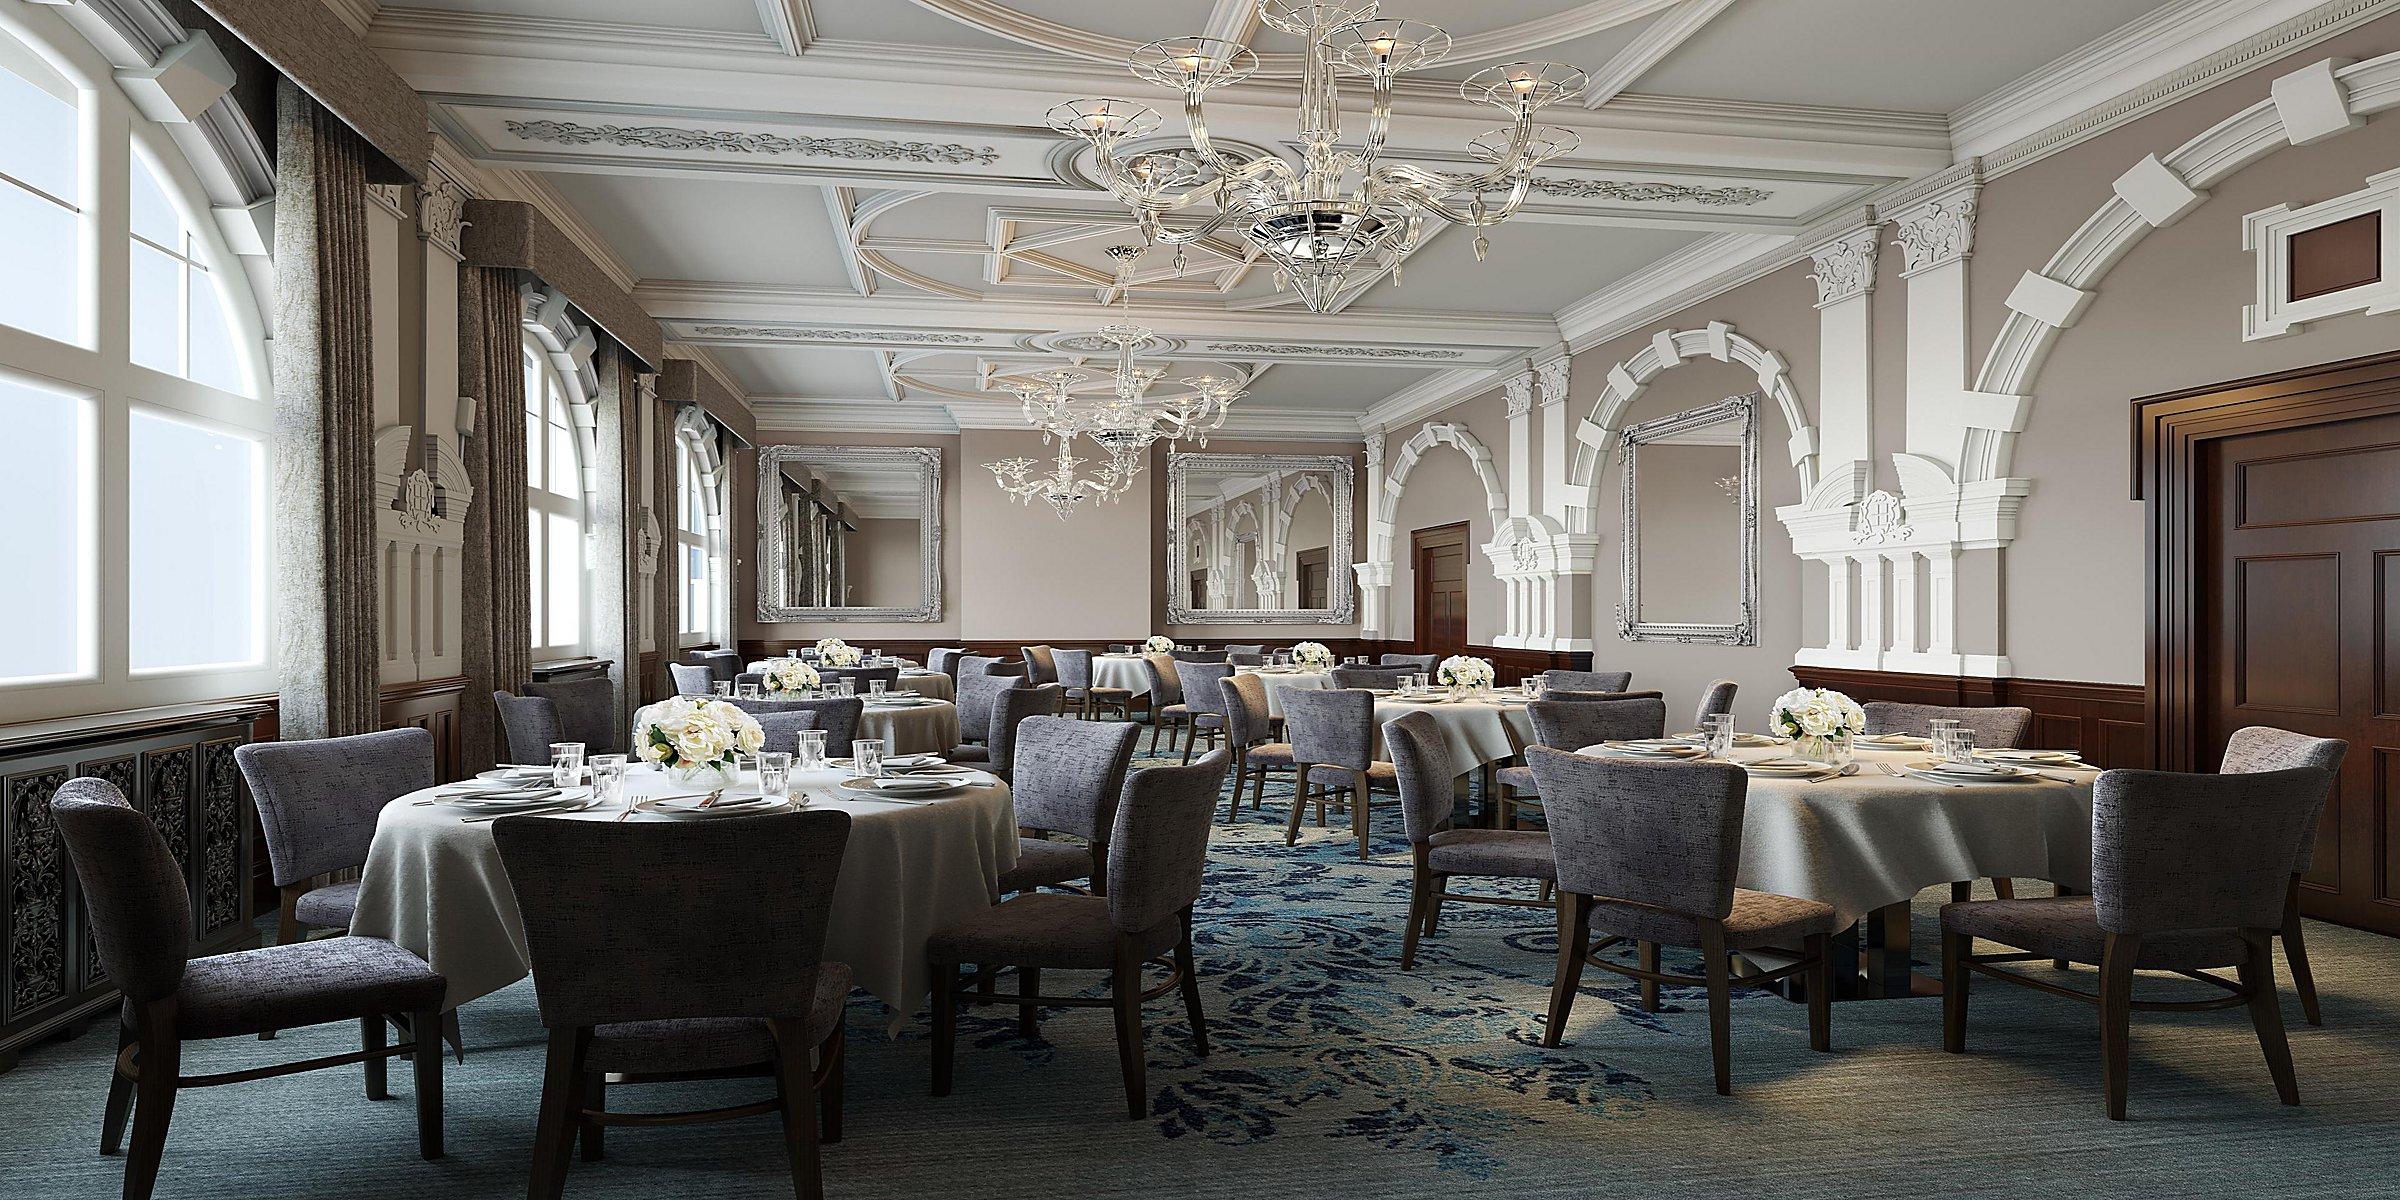 Hotel Indigo Durham - Hotel Meeting Rooms for Rent